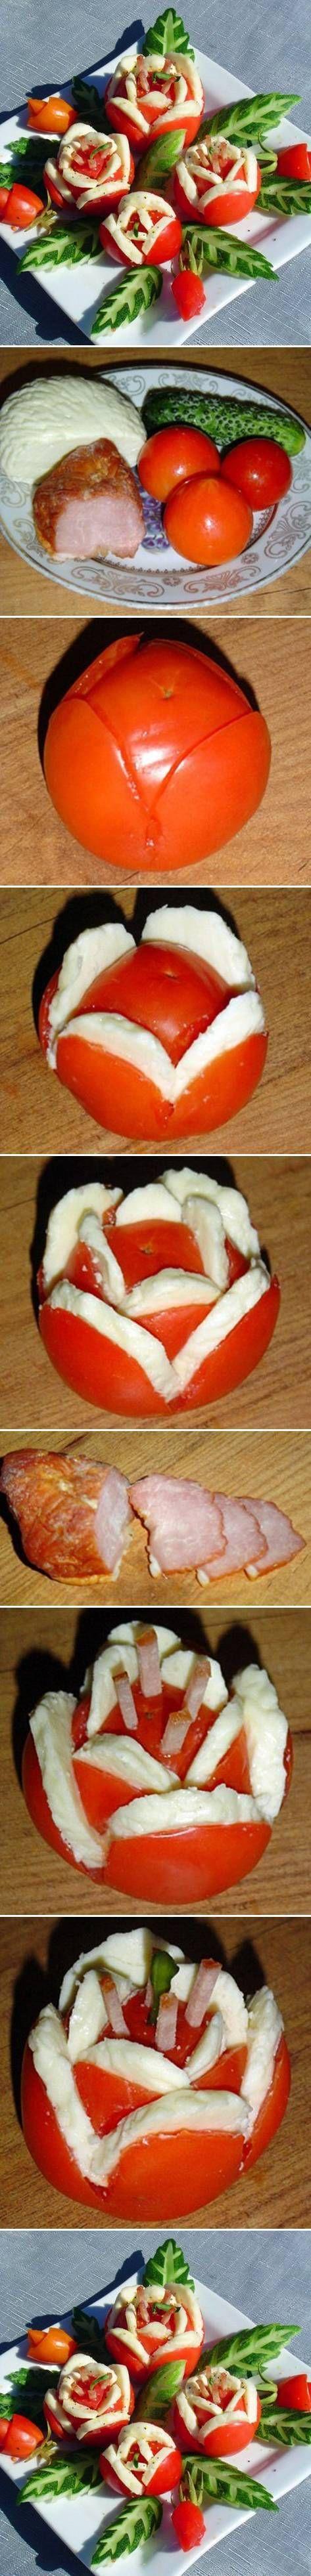 DIY Tomato Dish Decor DIY Projects